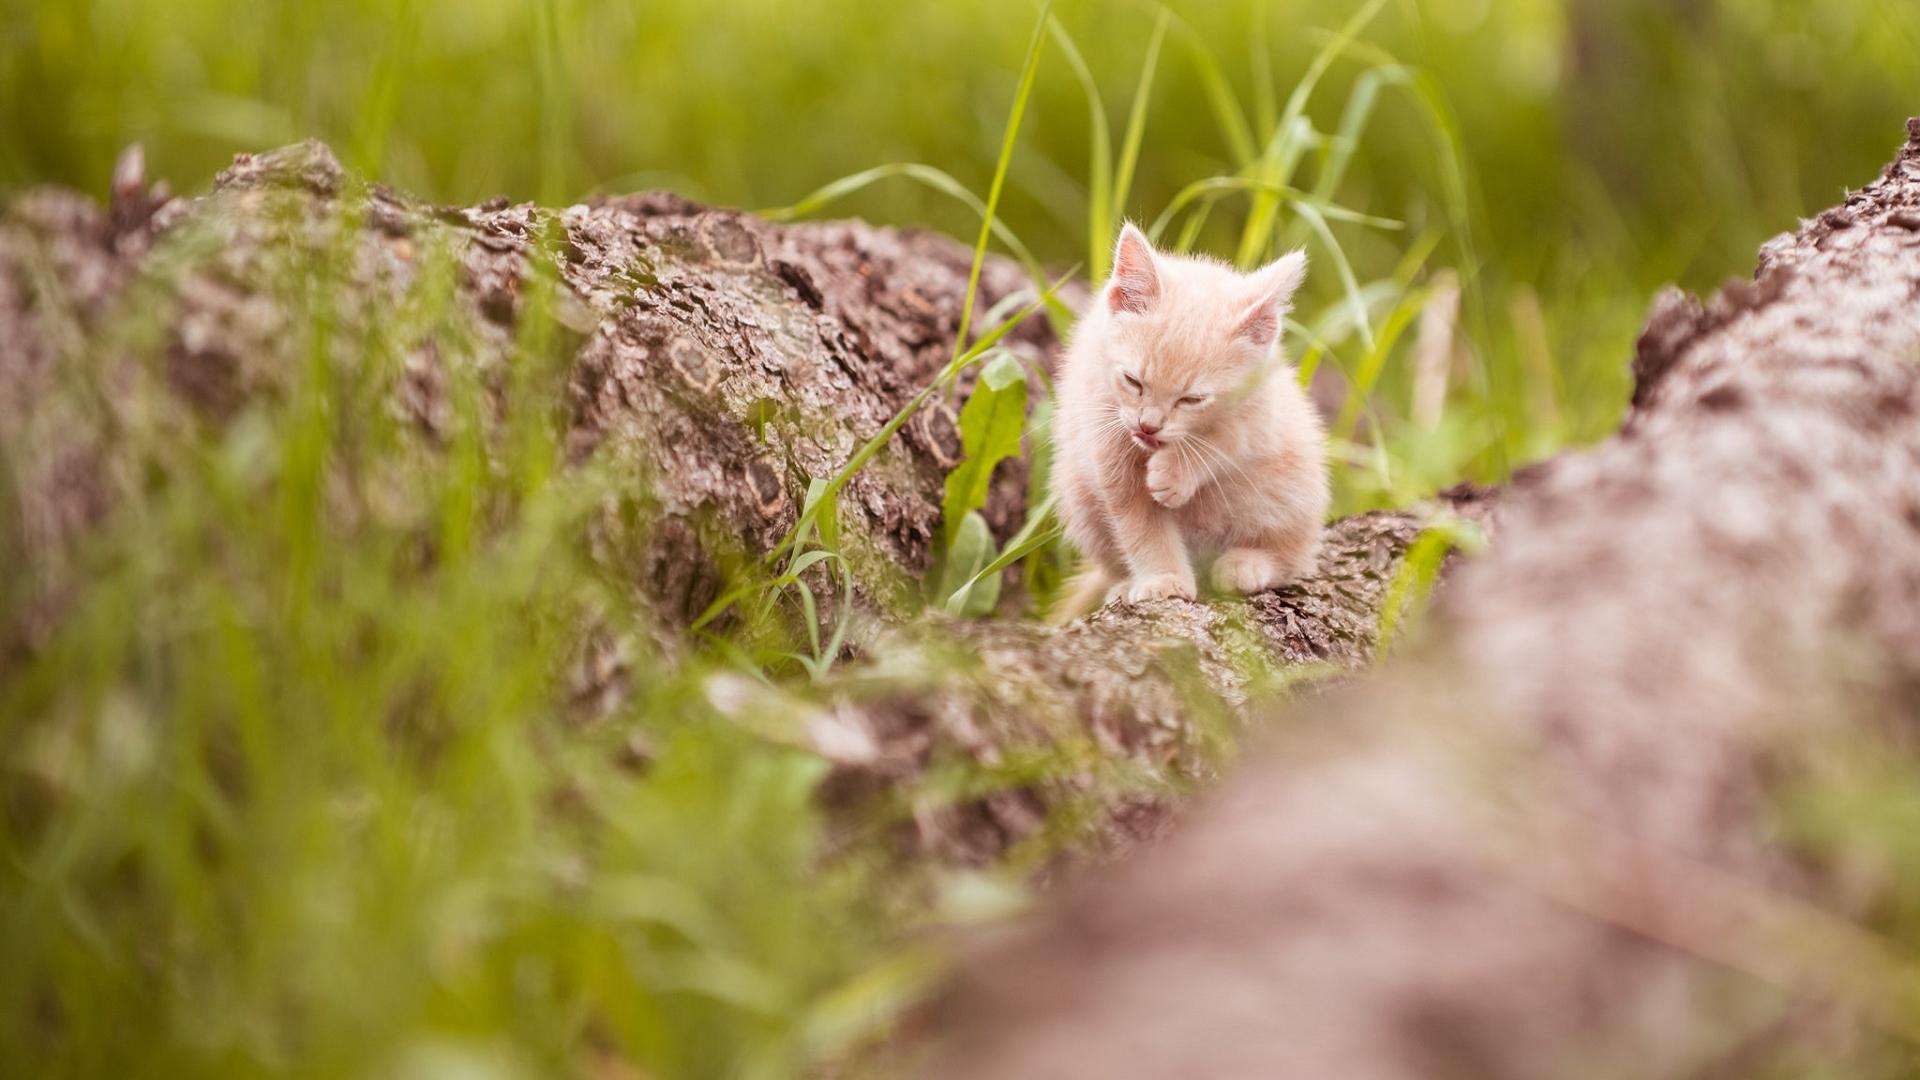 Hintergrundbilder Tiere Katze Haustier Katzchen